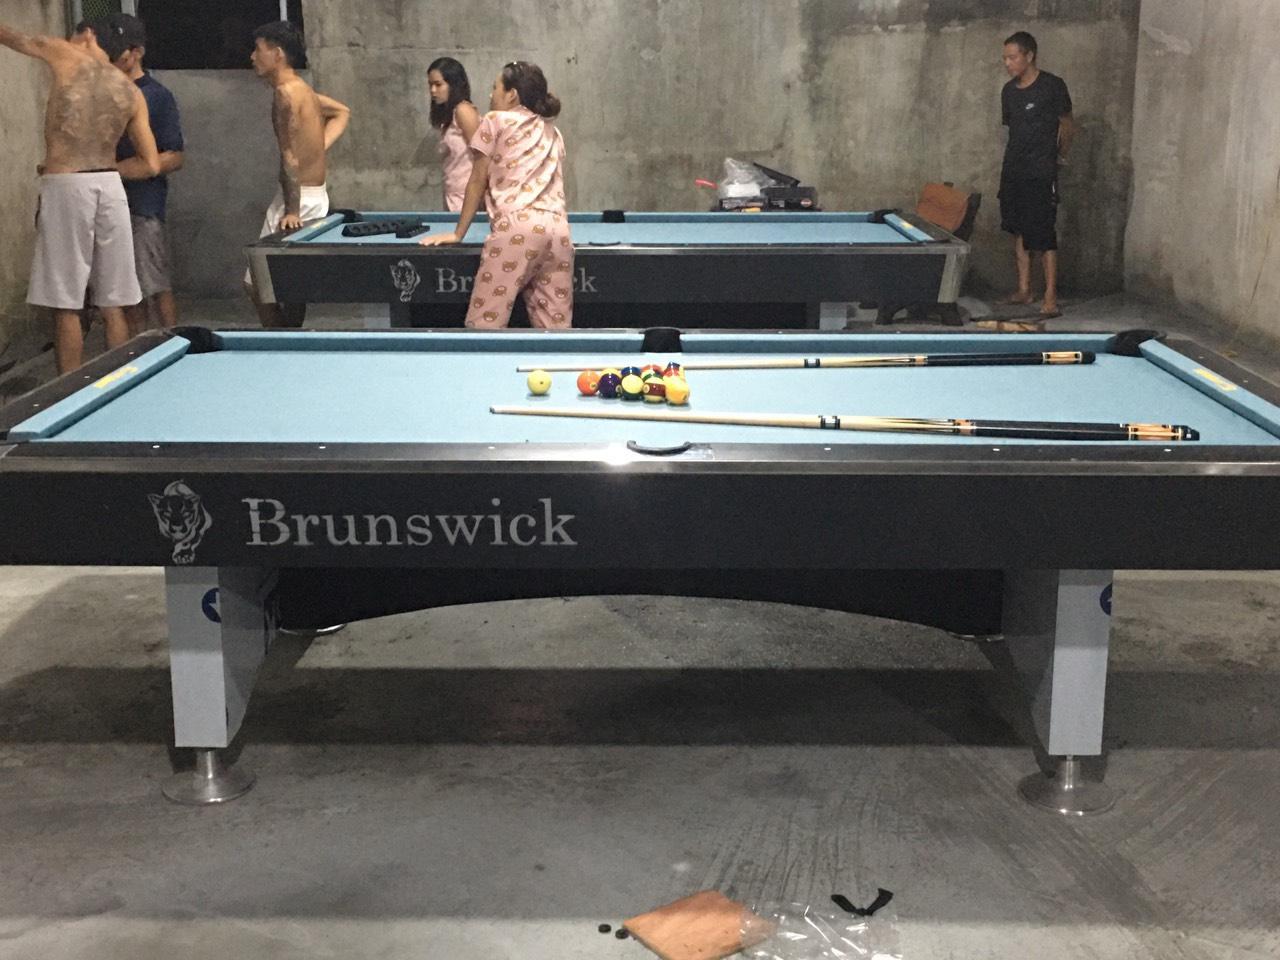 Billiards Hoàn Thúy lắp đặt 2 bàn 9018 tại Thượng Khê, Quốc Oai, Hà Nội